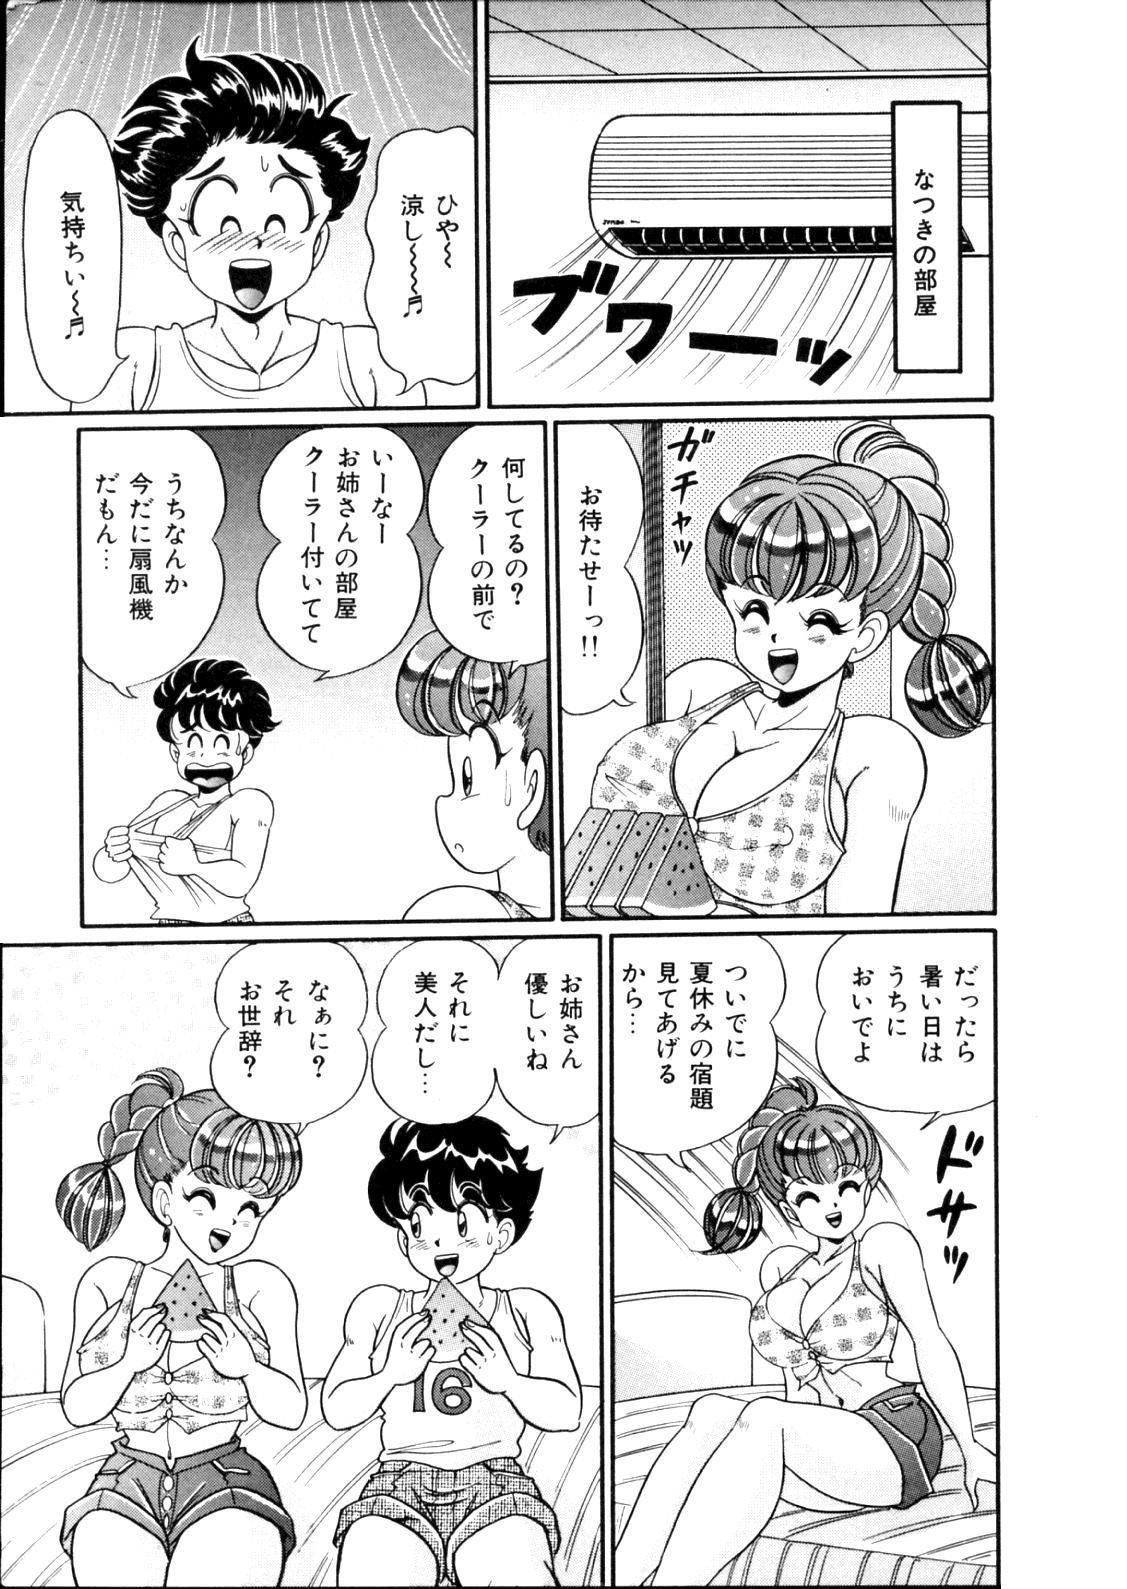 [Watanabe Wataru] Tonari no Onee-san - Sister of Neighborhood 28